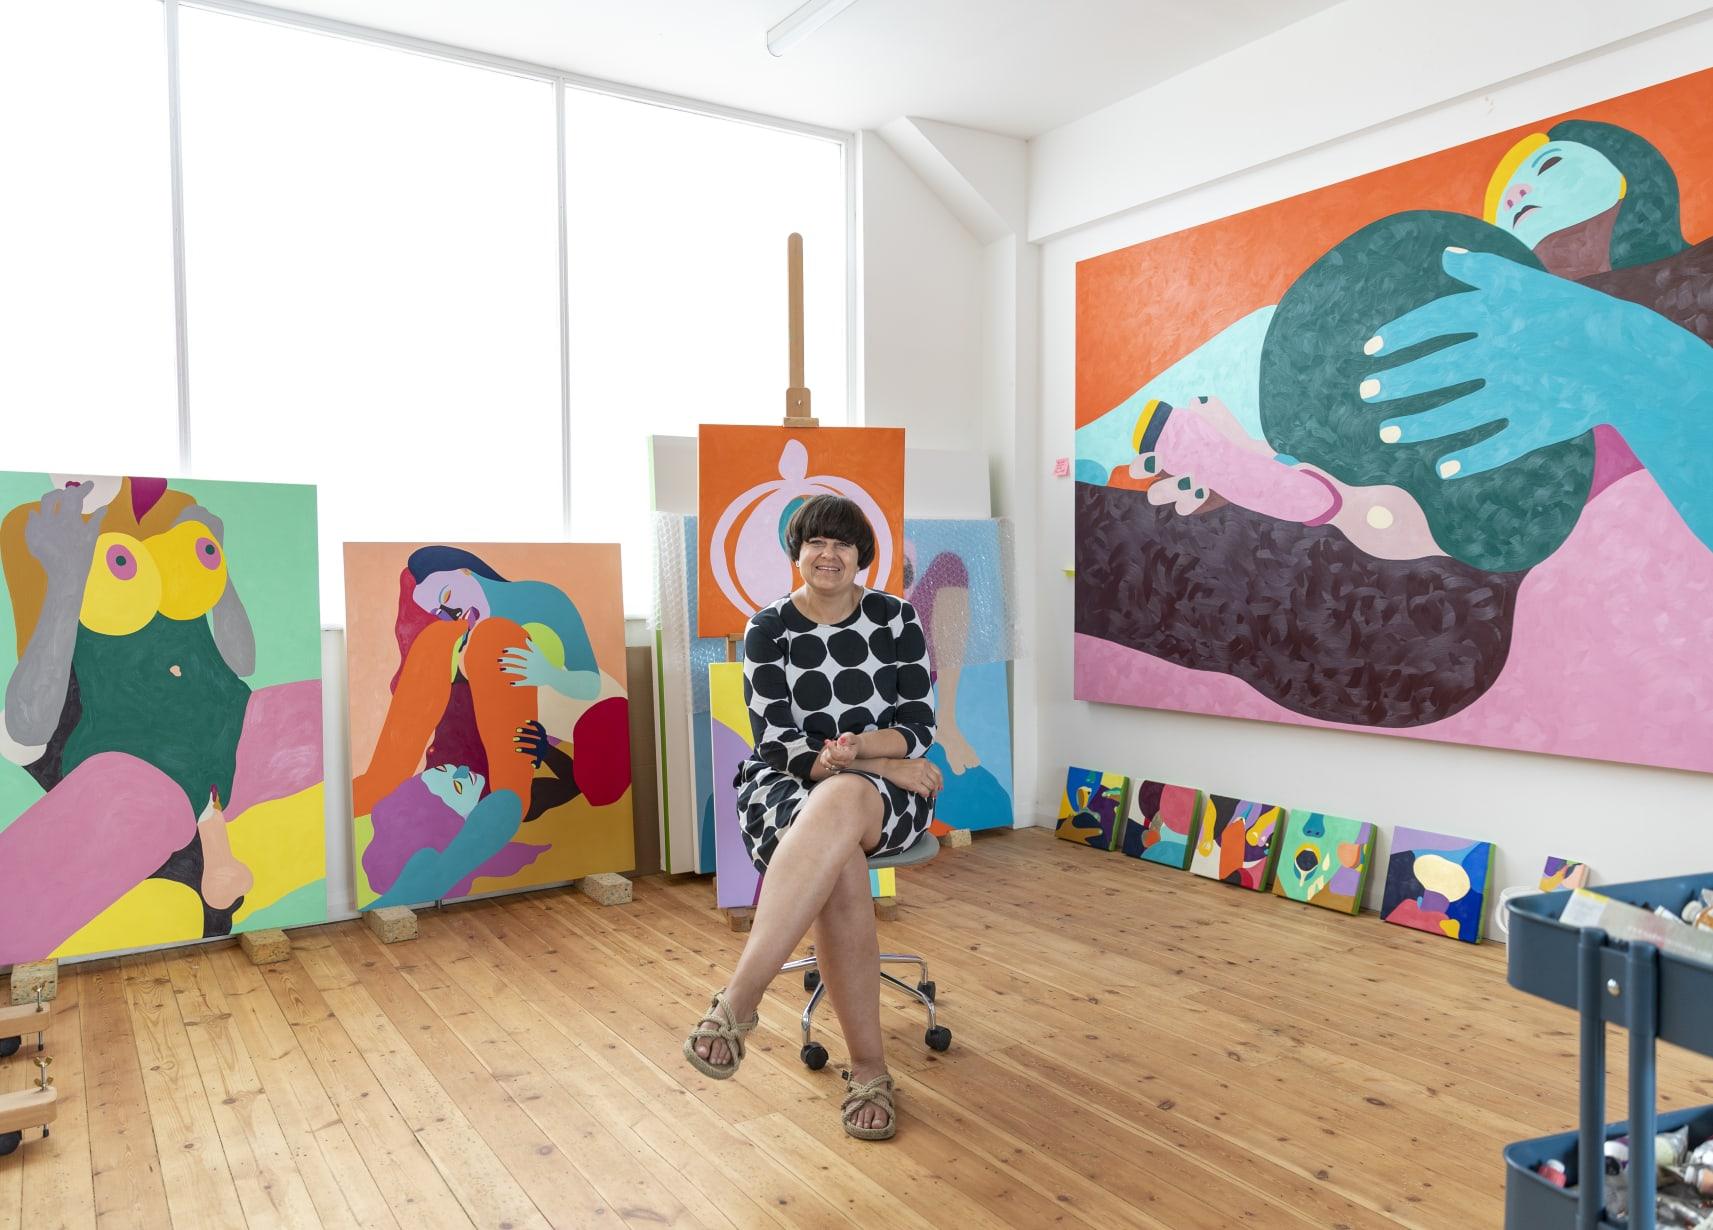 Helenbeard Studio Itsherfactory July2019 Lucyemmsi4424 40